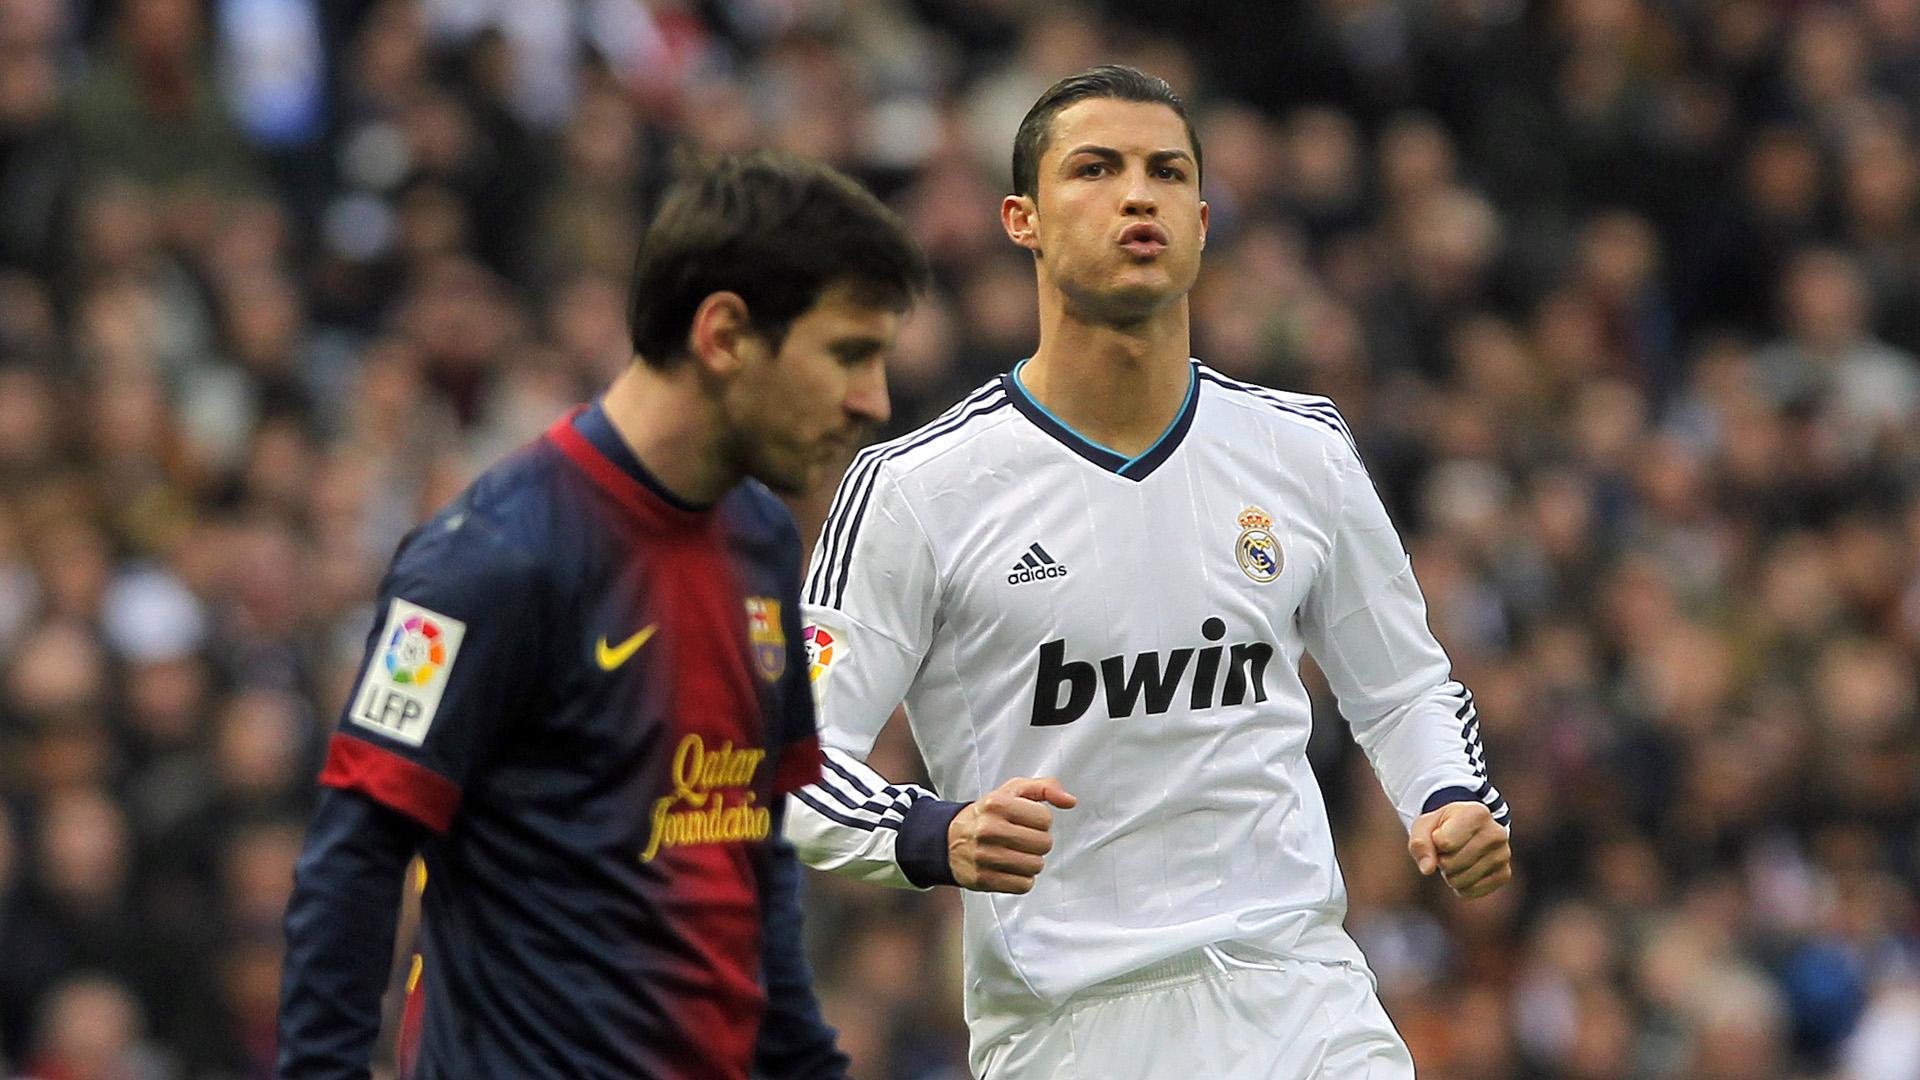 Lionel-Messi-Cristiano-Ronaldo-FTR-021214.jpg